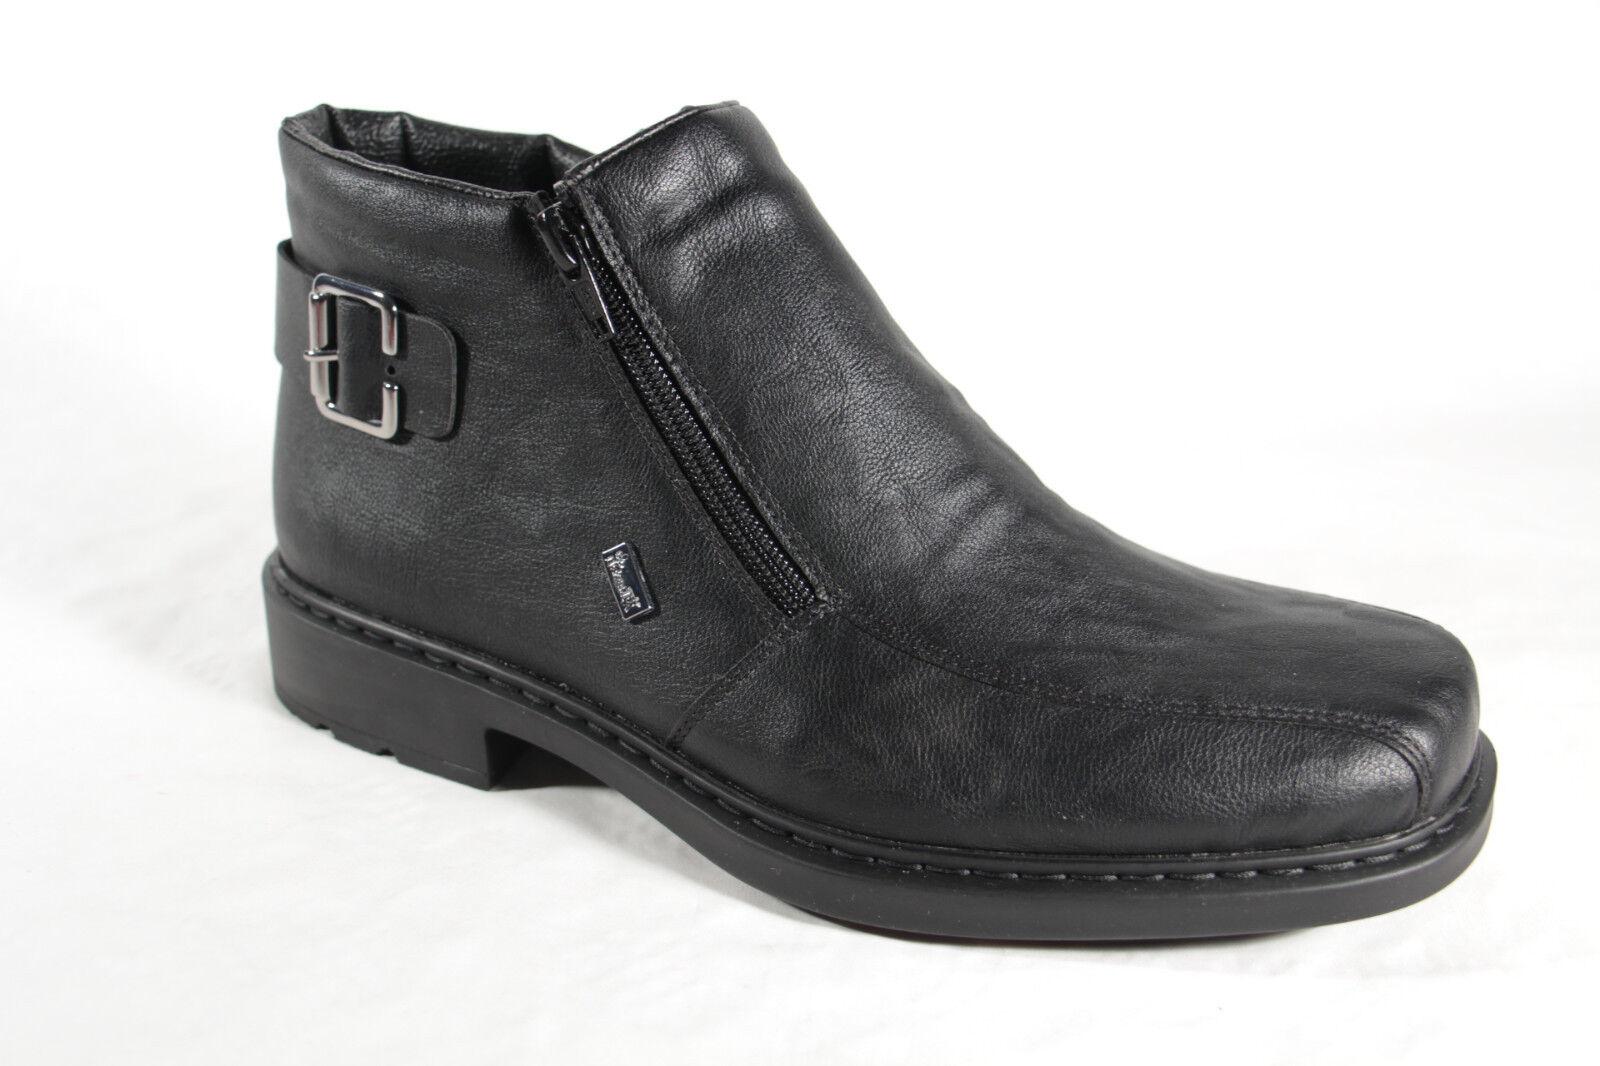 Rieker Herren Stiefel Stiefelette 32861 Stiefeletten Boots schwarz TEX 32861 Stiefelette NEU 70f044